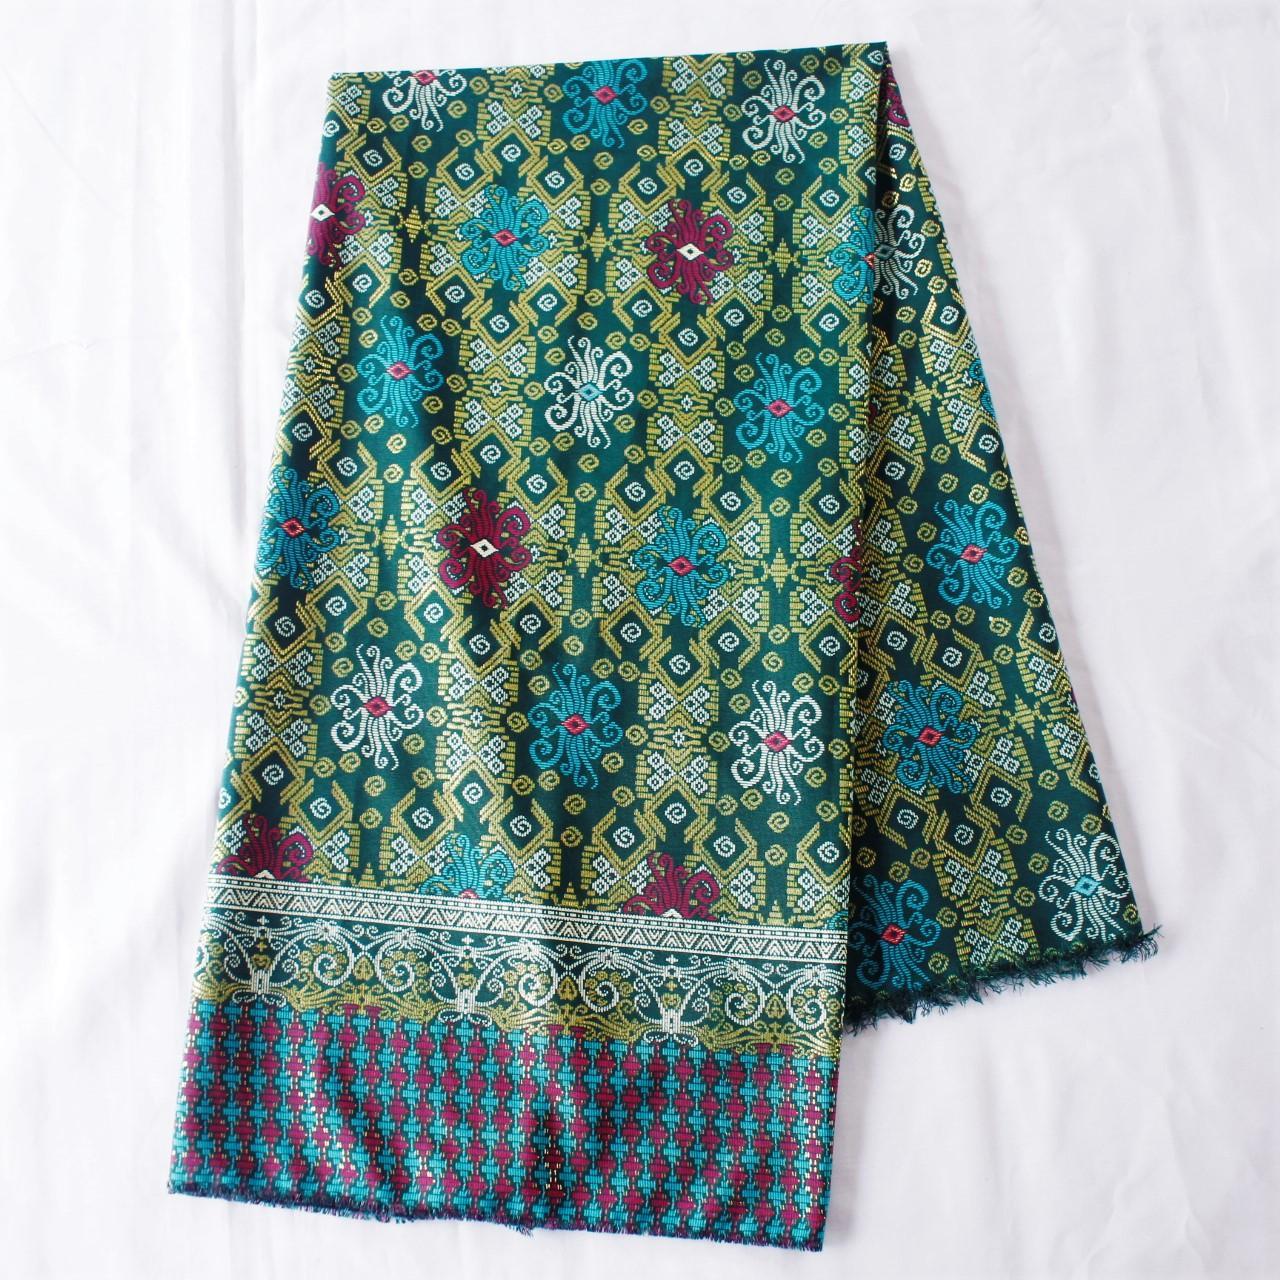 KBS020 Kain Batik Meteran Semi Sutra Bawahan Kebaya Modern Bahan